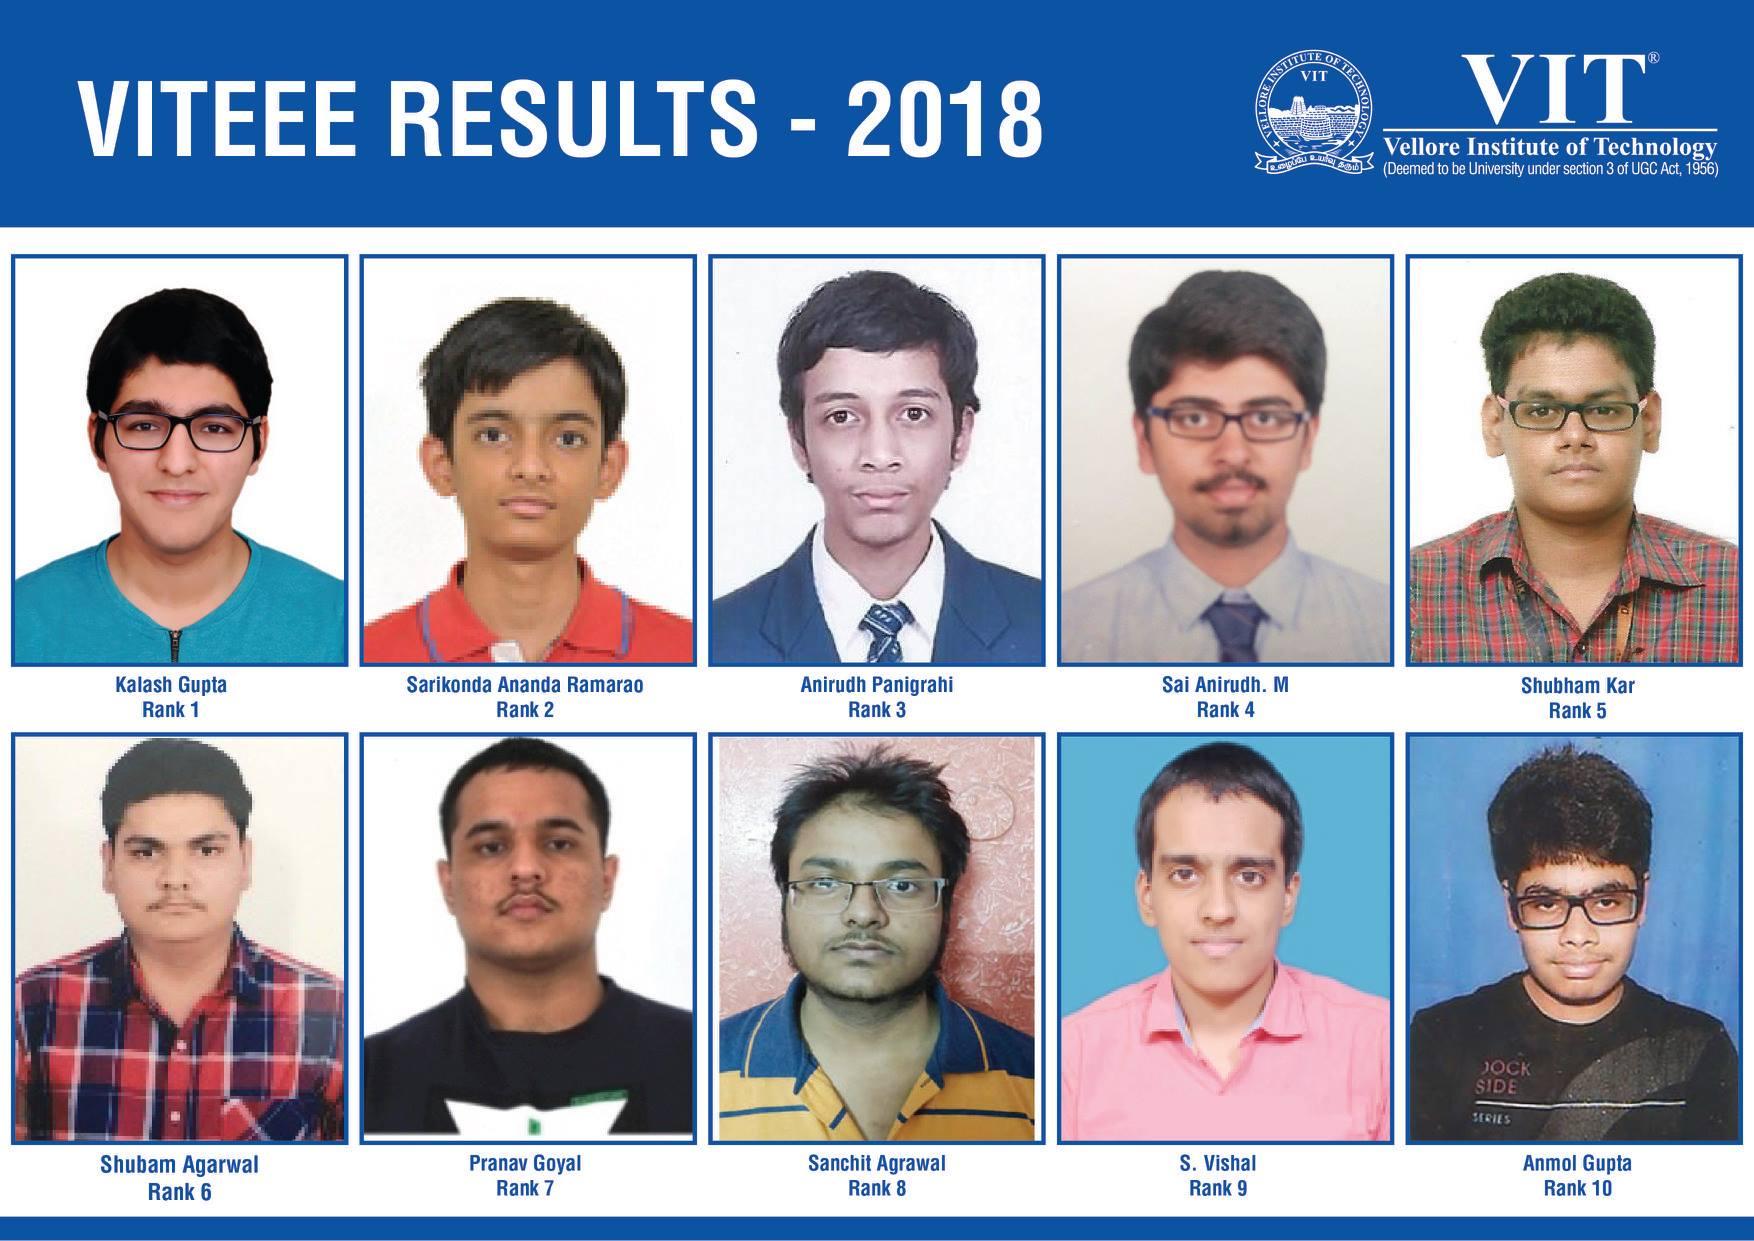 Delhi boy tops VITEEE 2018 Results